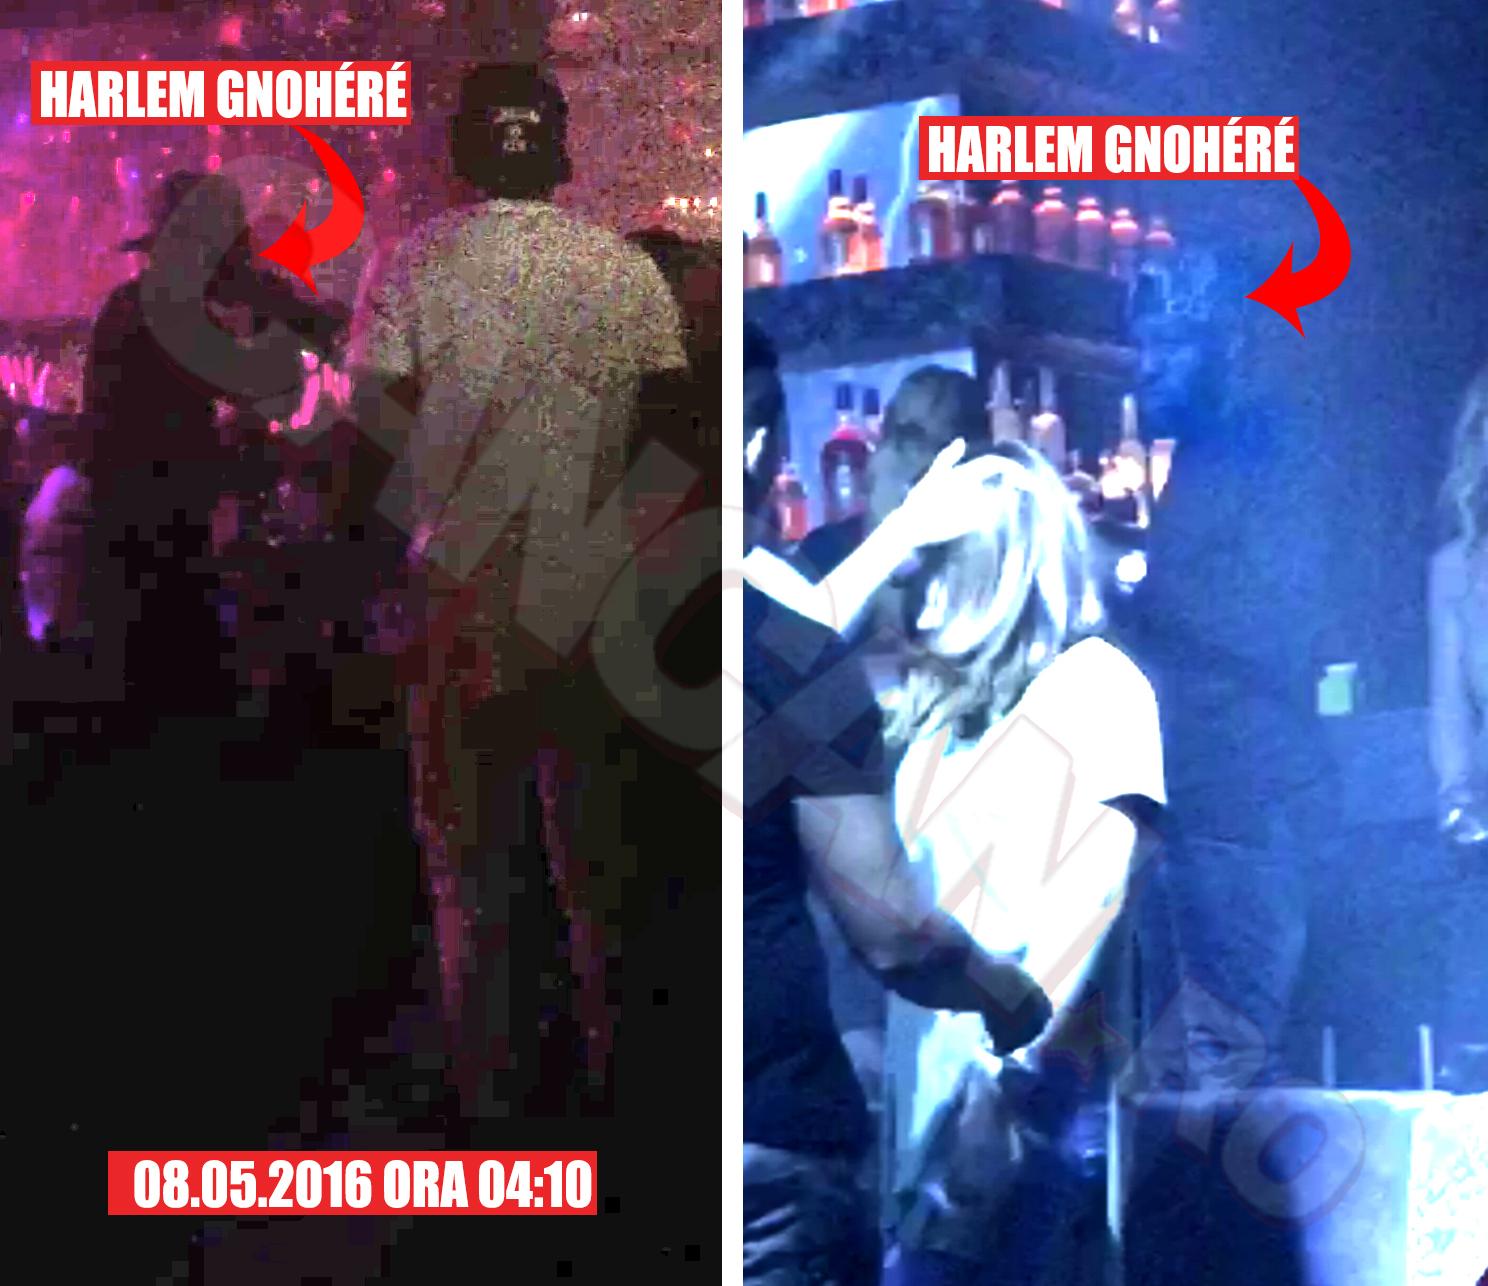 Harlem Gnohere a băut şampanie şi a dansat cu mai multe domnişoare.